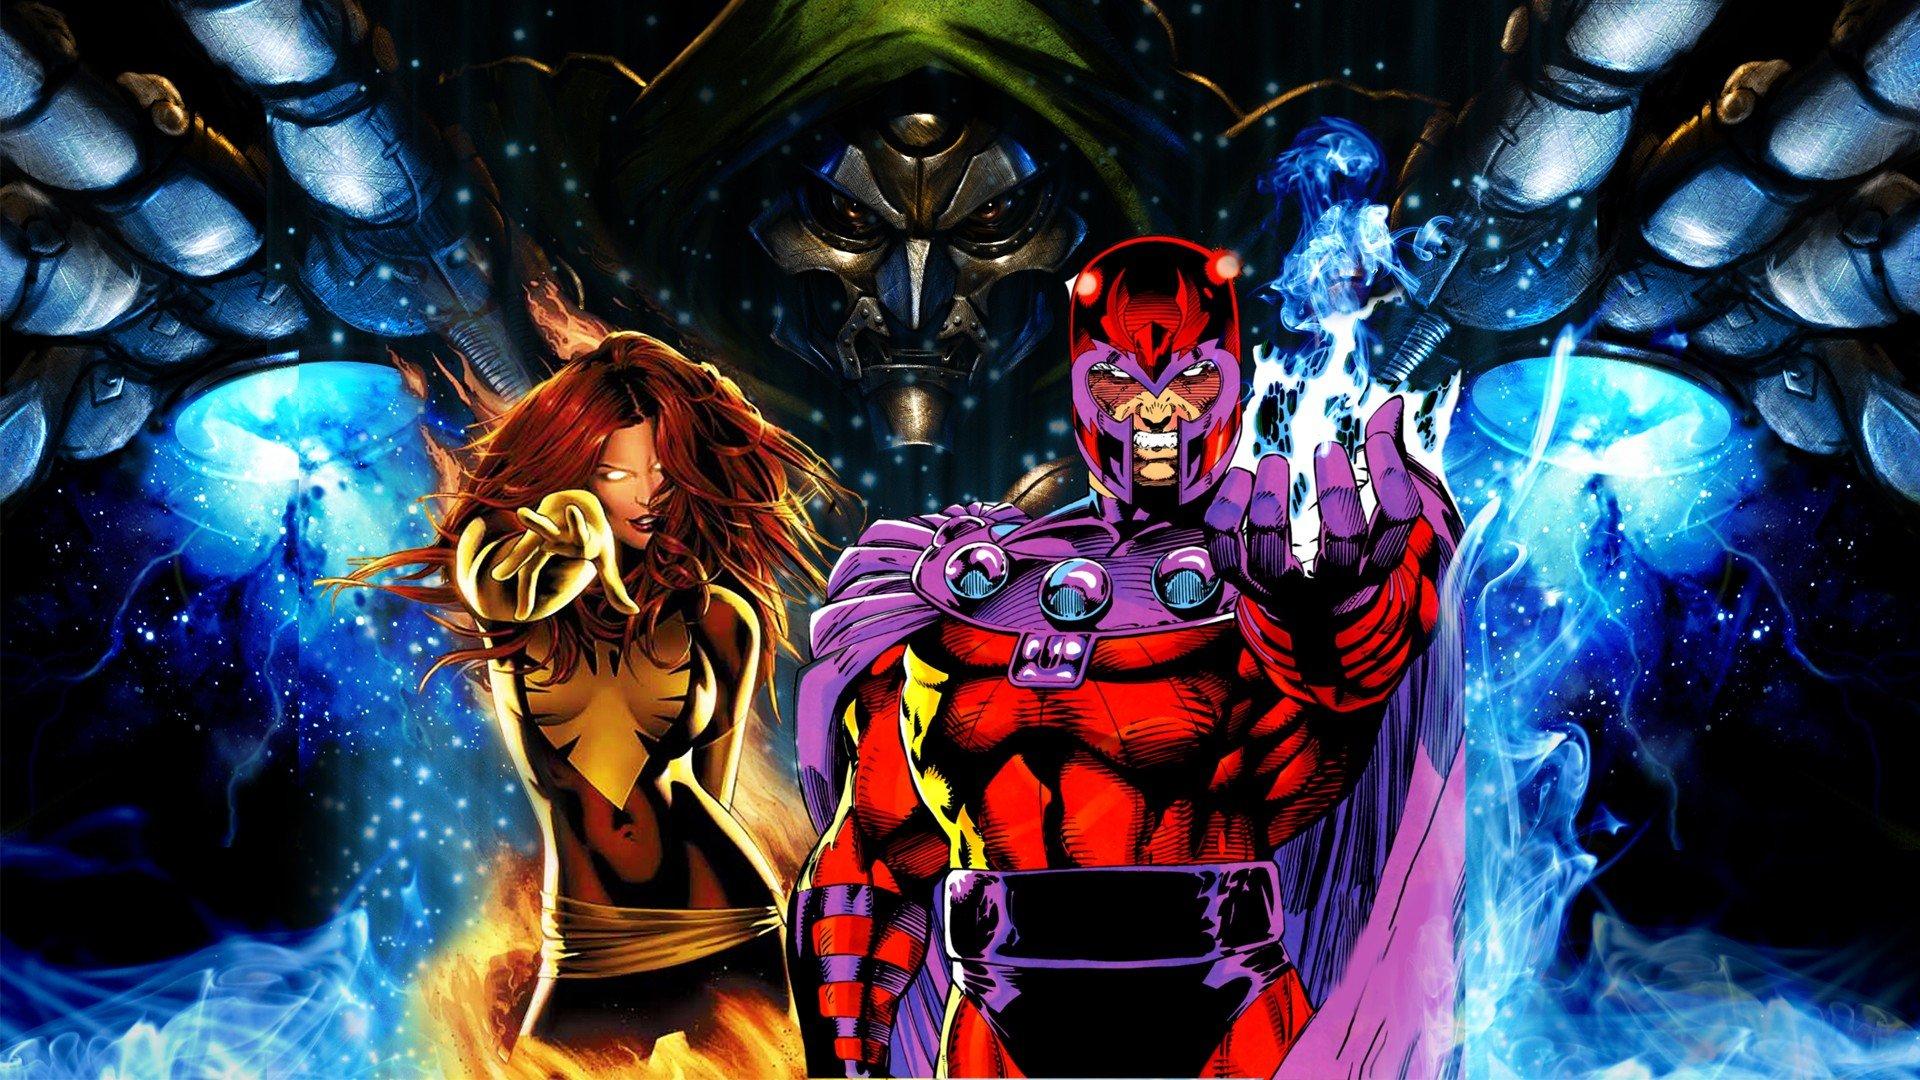 Dark phoenix marvel comics xmen wallpaper | (142036)